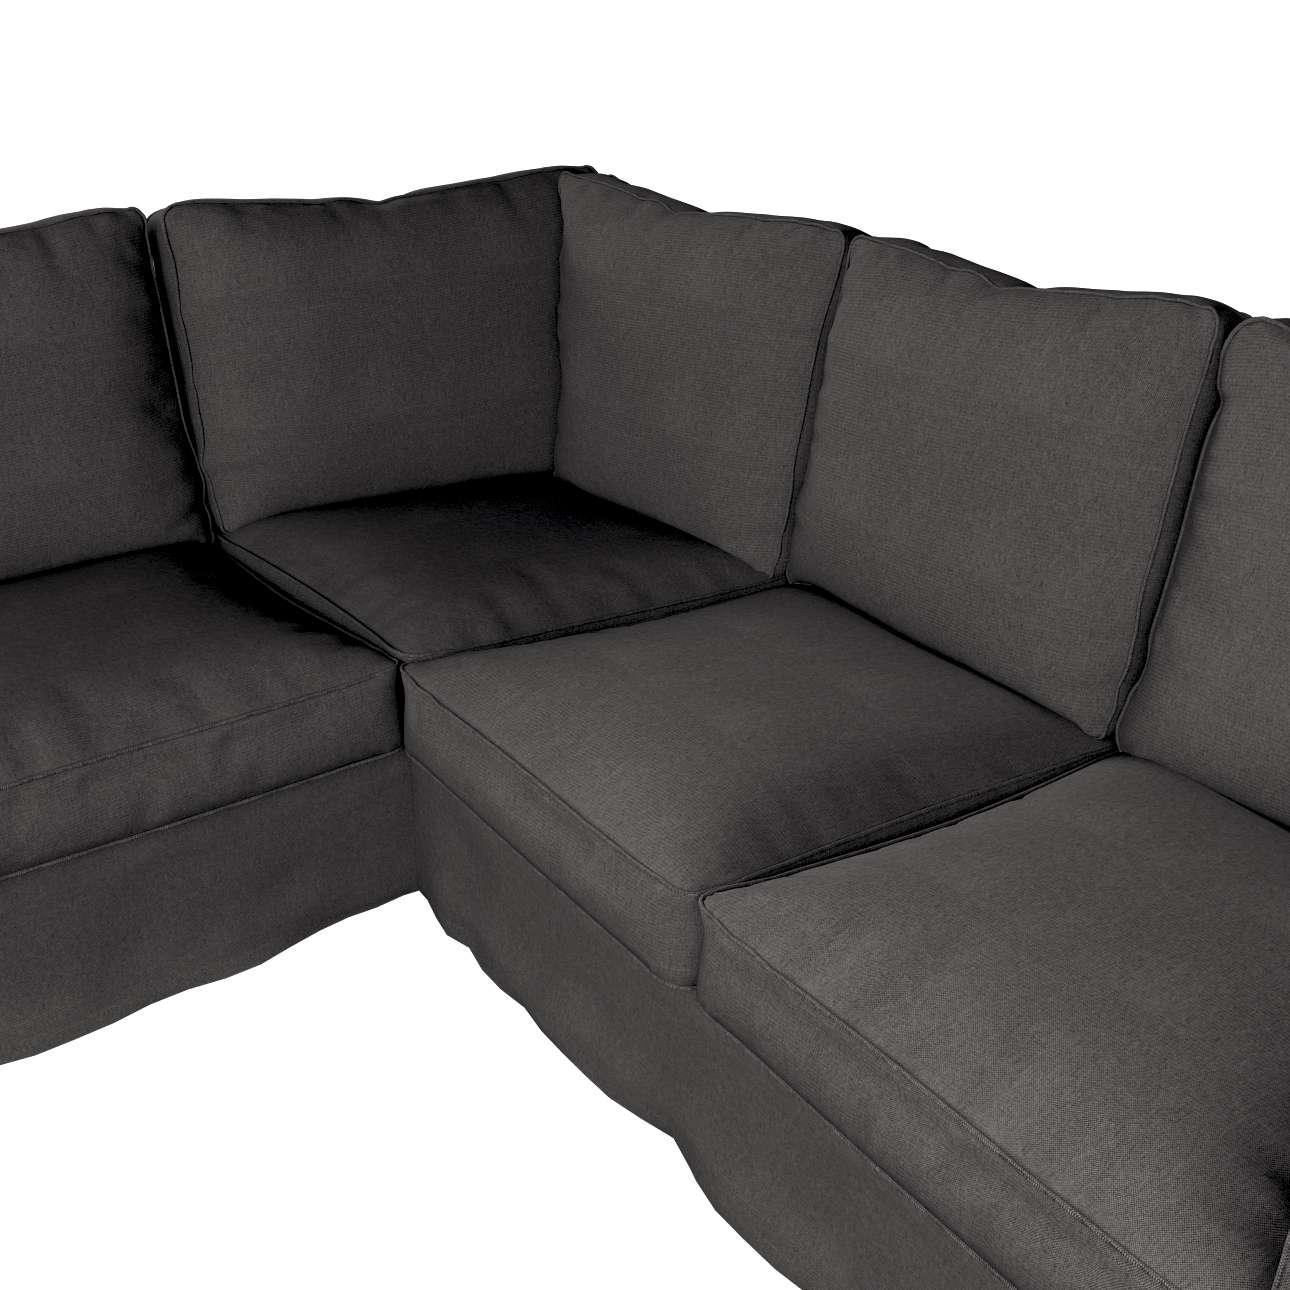 Pokrowiec Ektorp na sofę narożną w kolekcji Etna, tkanina: 705-35